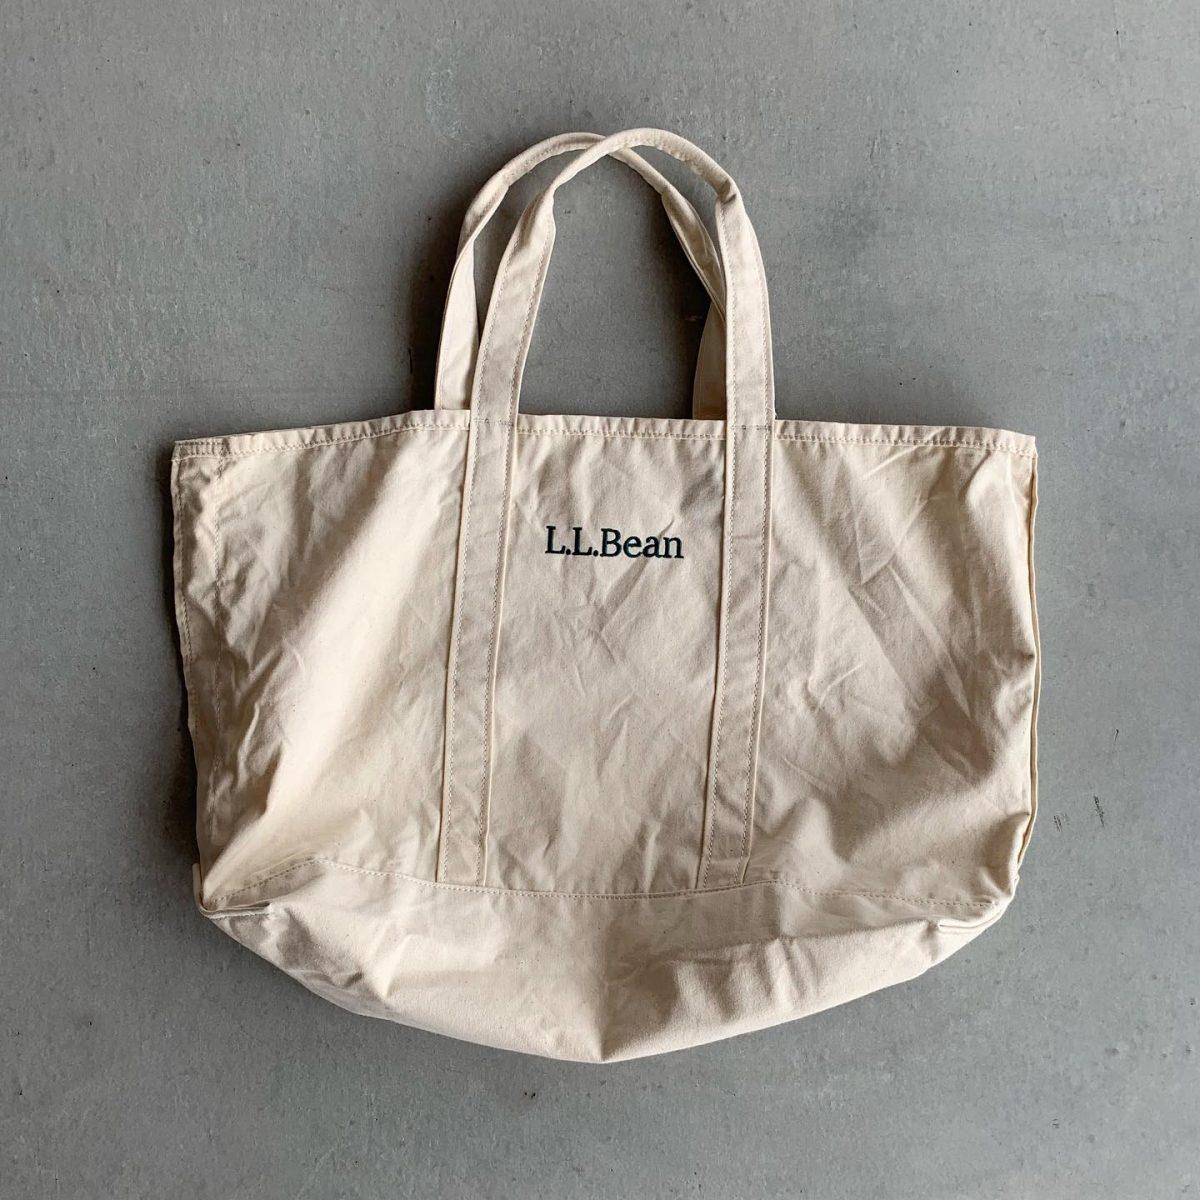 レジ袋有料化。エコバッグ・マイバッグにエルエルビーン・グローサリートートが超おすすめな理由。